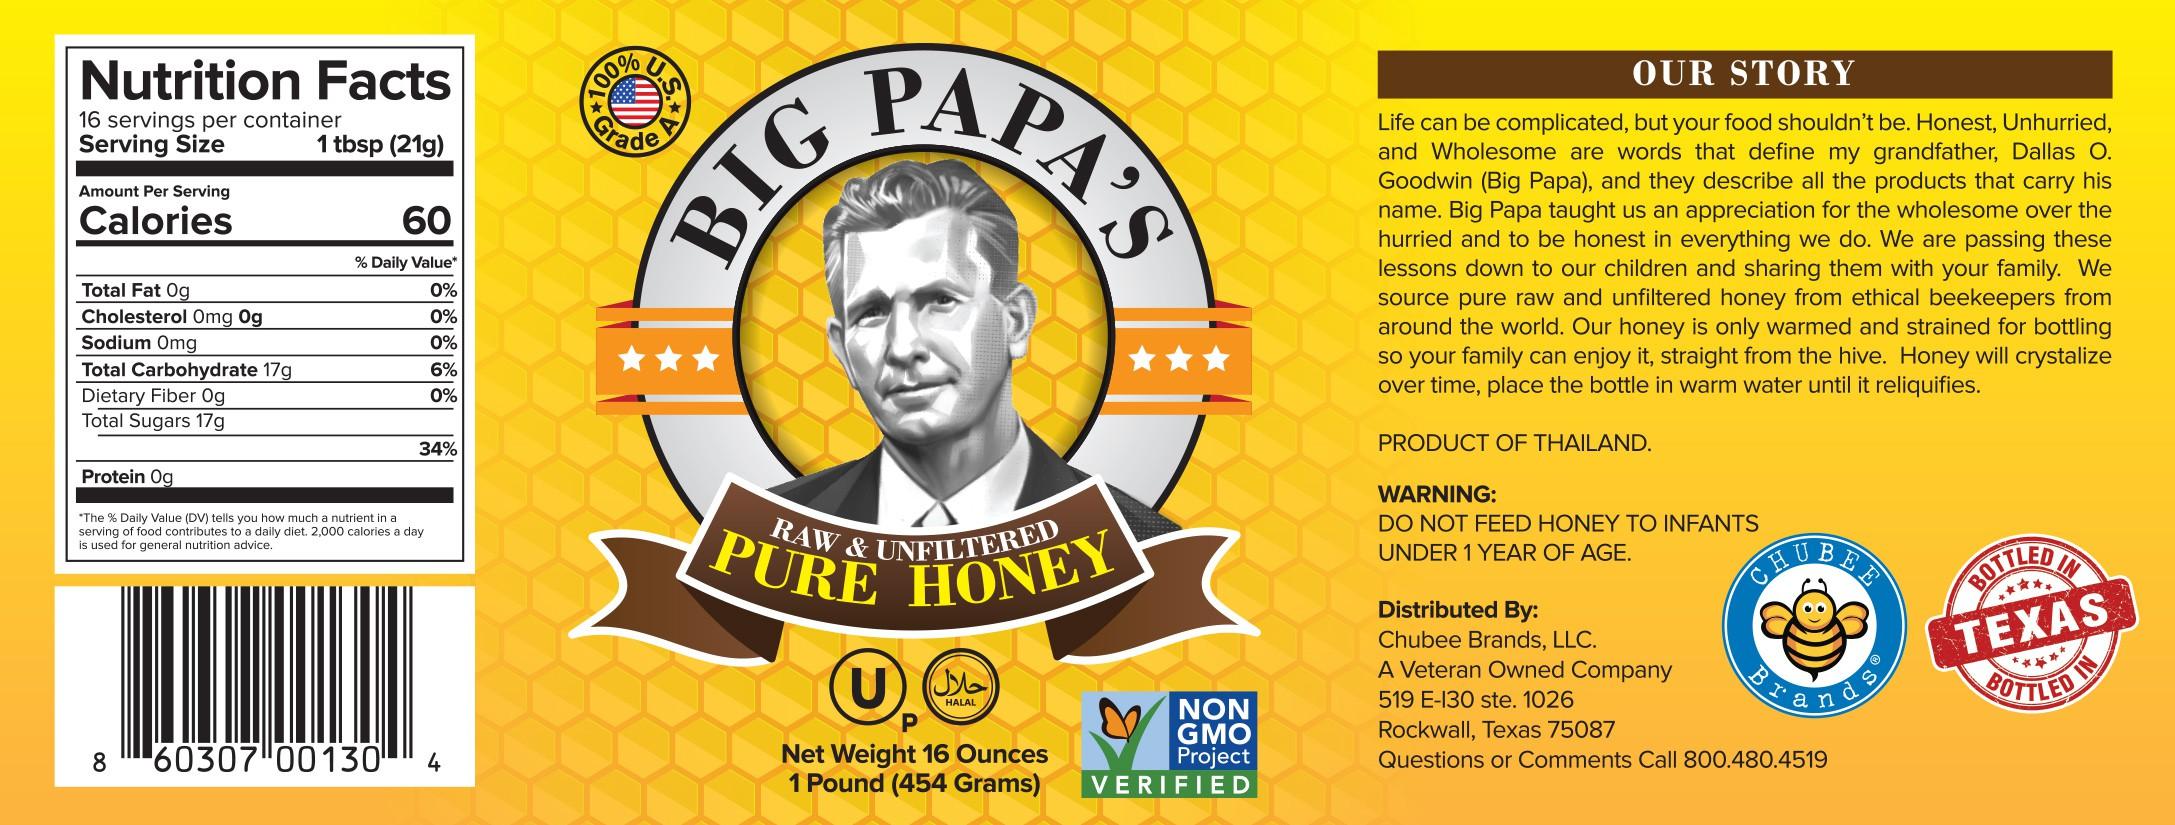 Big Papa's Honey - Modifications